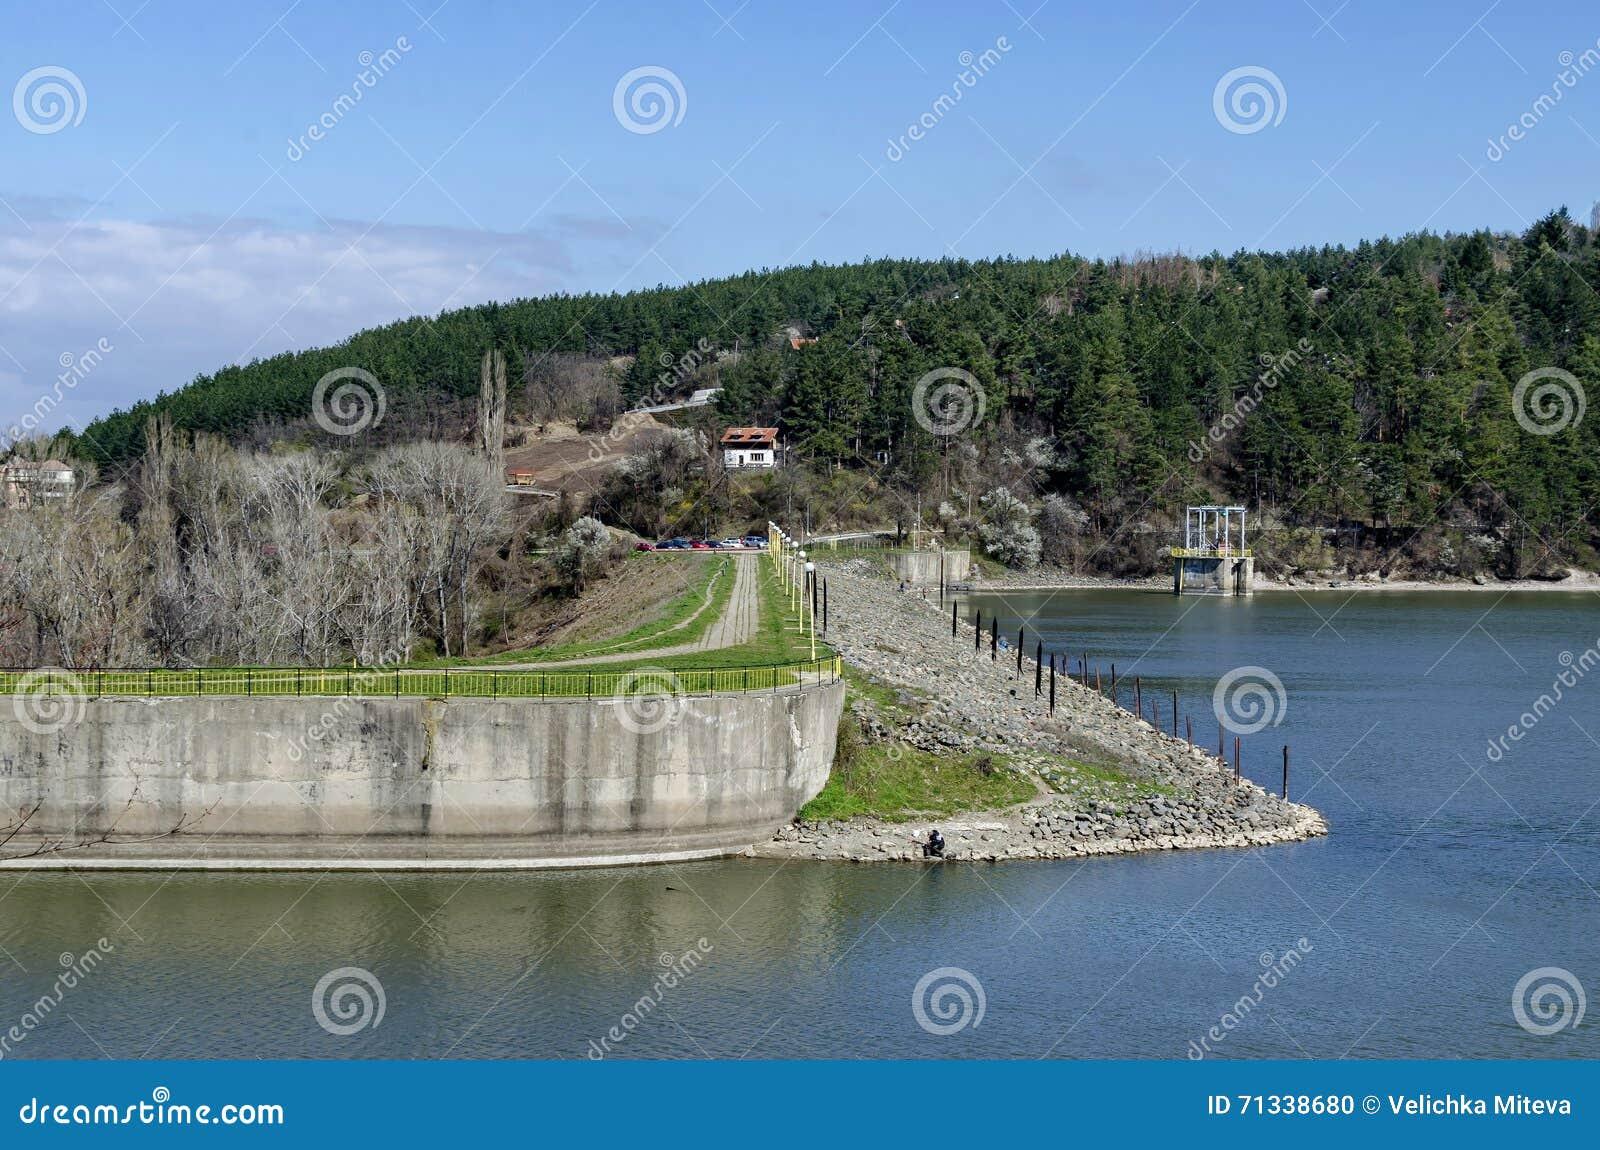 Olhe para a parede da barragem da represa pitoresca